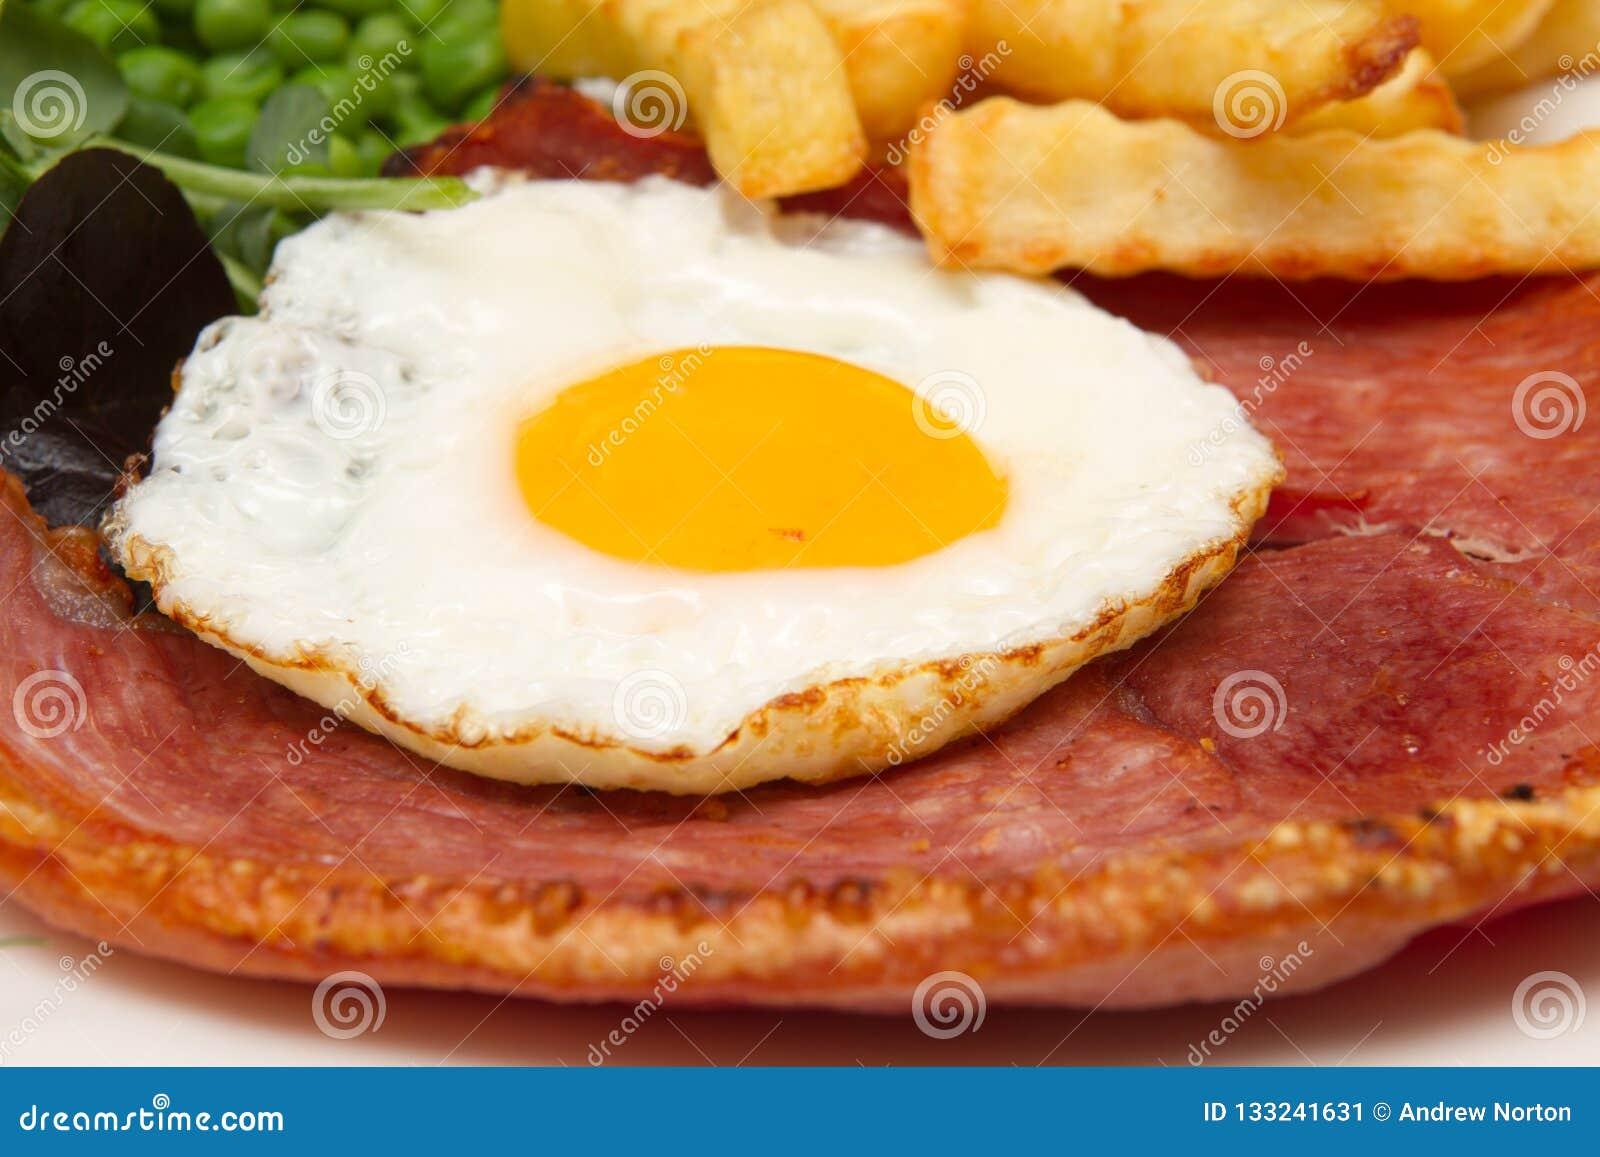 Μπριζόλα Gammon με ένα τηγανισμένο αυγό